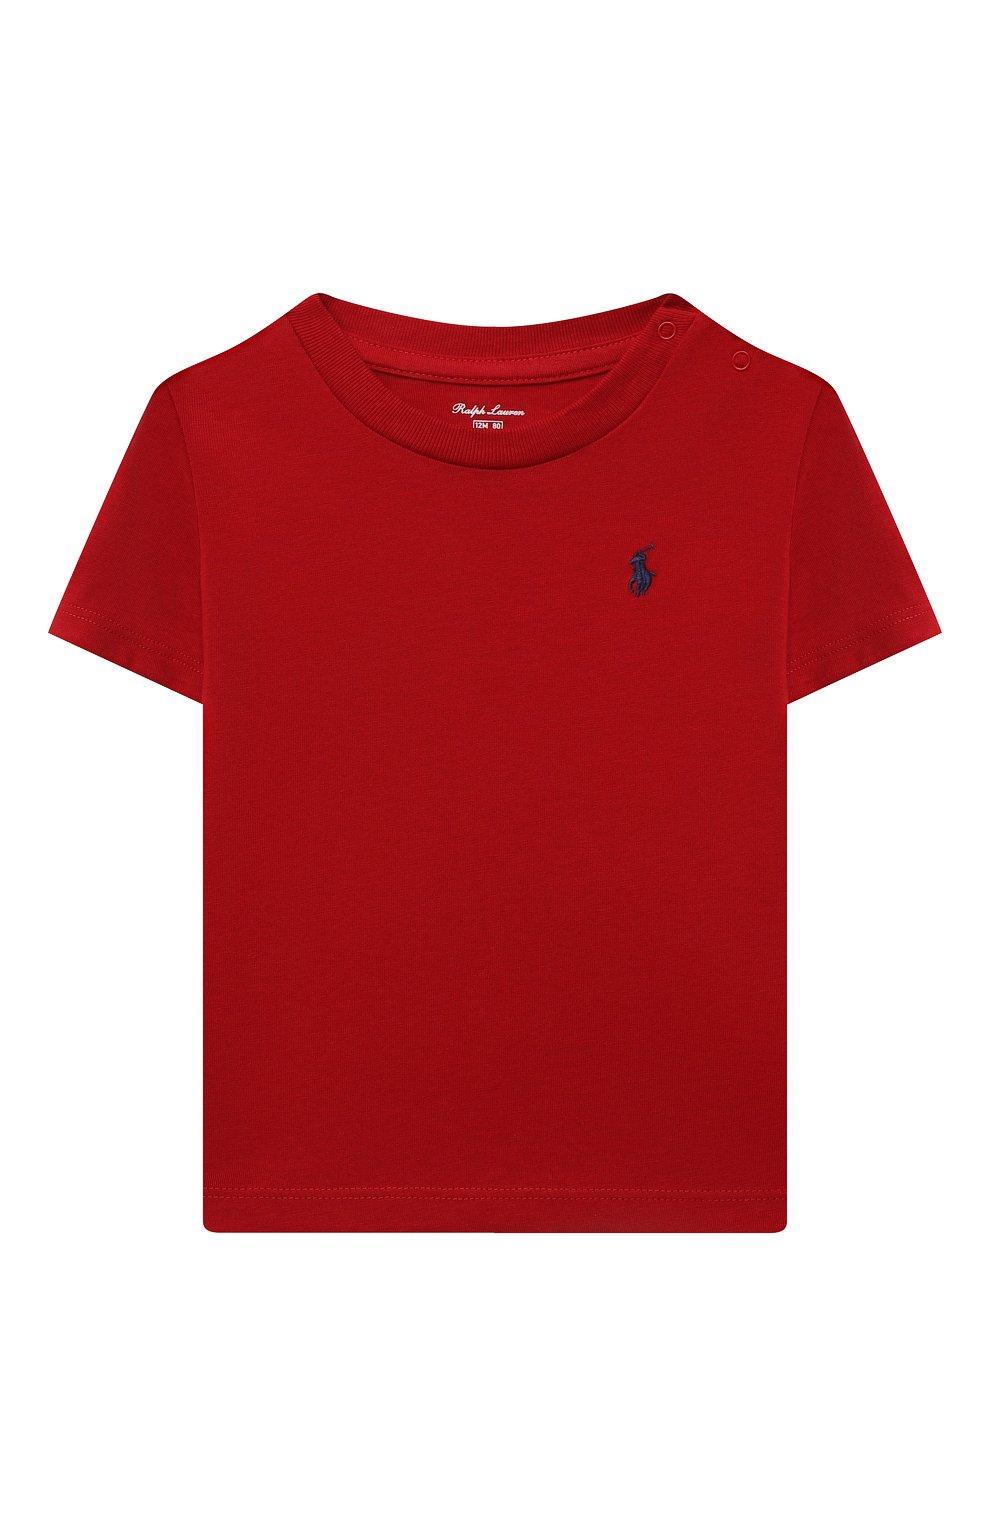 Детский хлопковая футболка POLO RALPH LAUREN красного цвета, арт. 320832904 | Фото 1 (Рукава: Короткие; Материал внешний: Хлопок; Ростовка одежда: 9 мес | 74 см, 12 мес | 80 см)